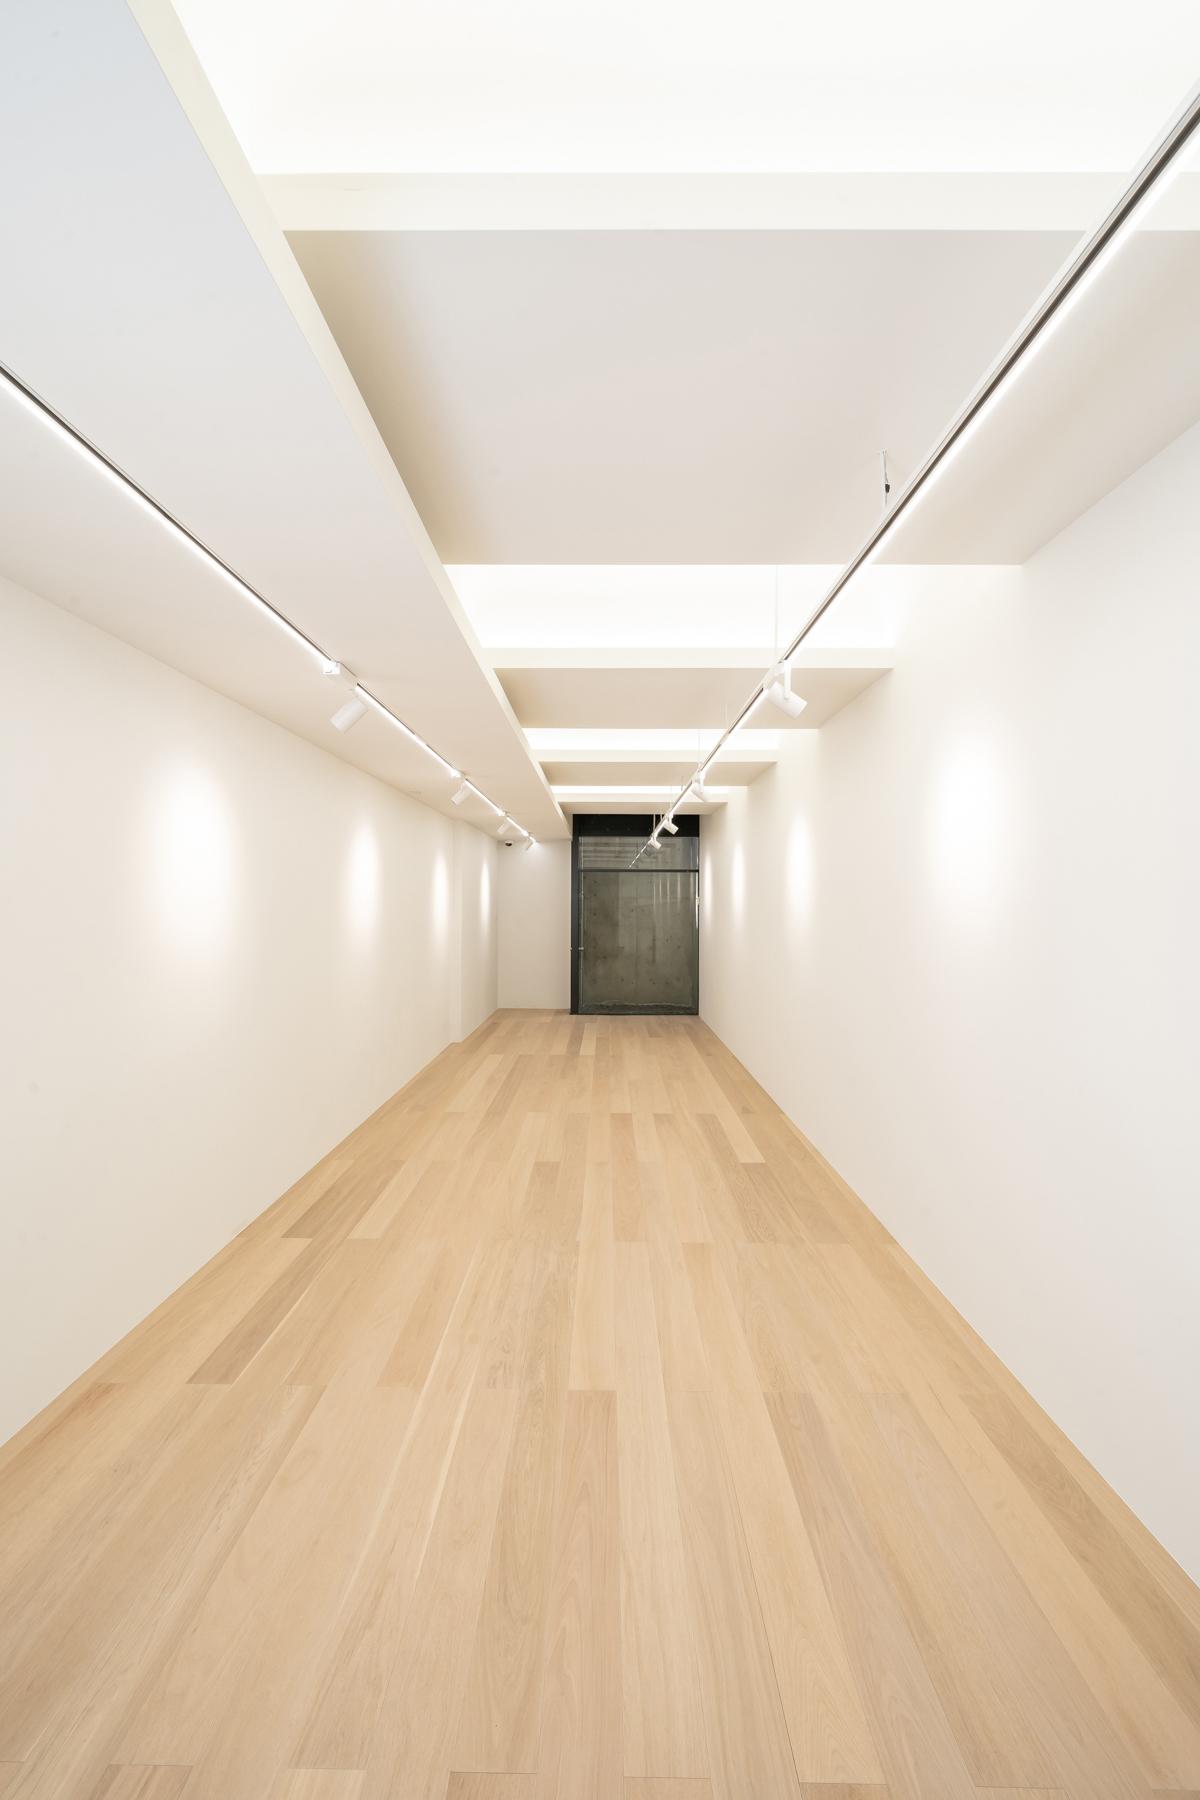 西麻布 RC 80m2 メゾネット+事務所個室 アートギャラリー改修工事【Gallery Ether】の画像